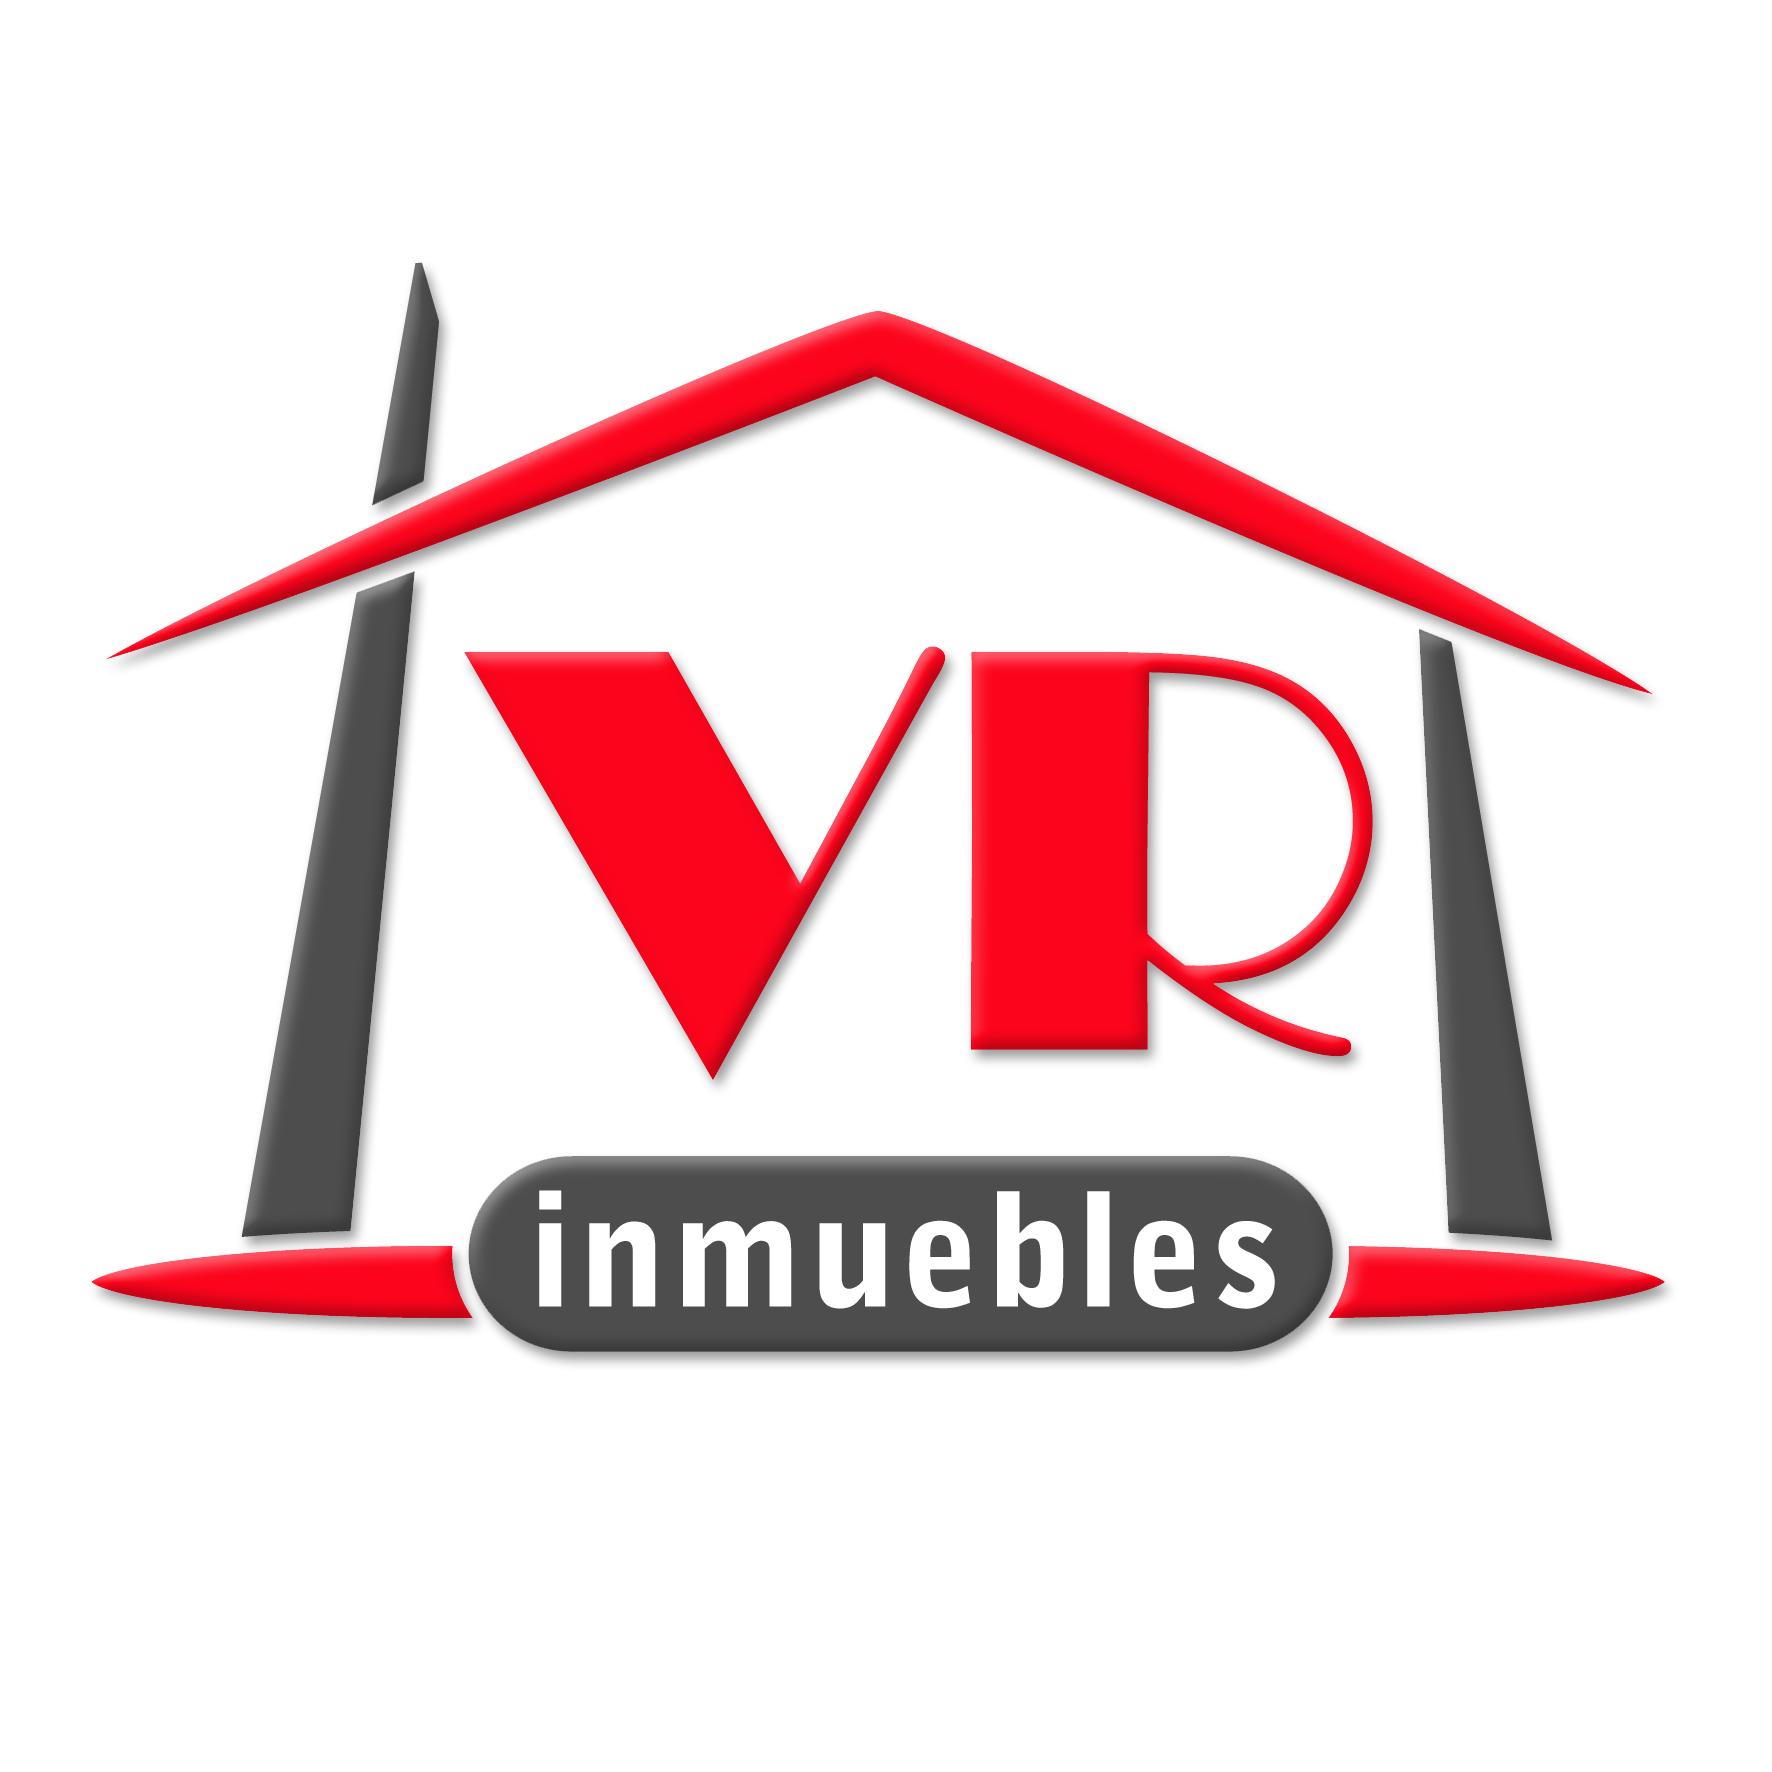 VR Inmuebles